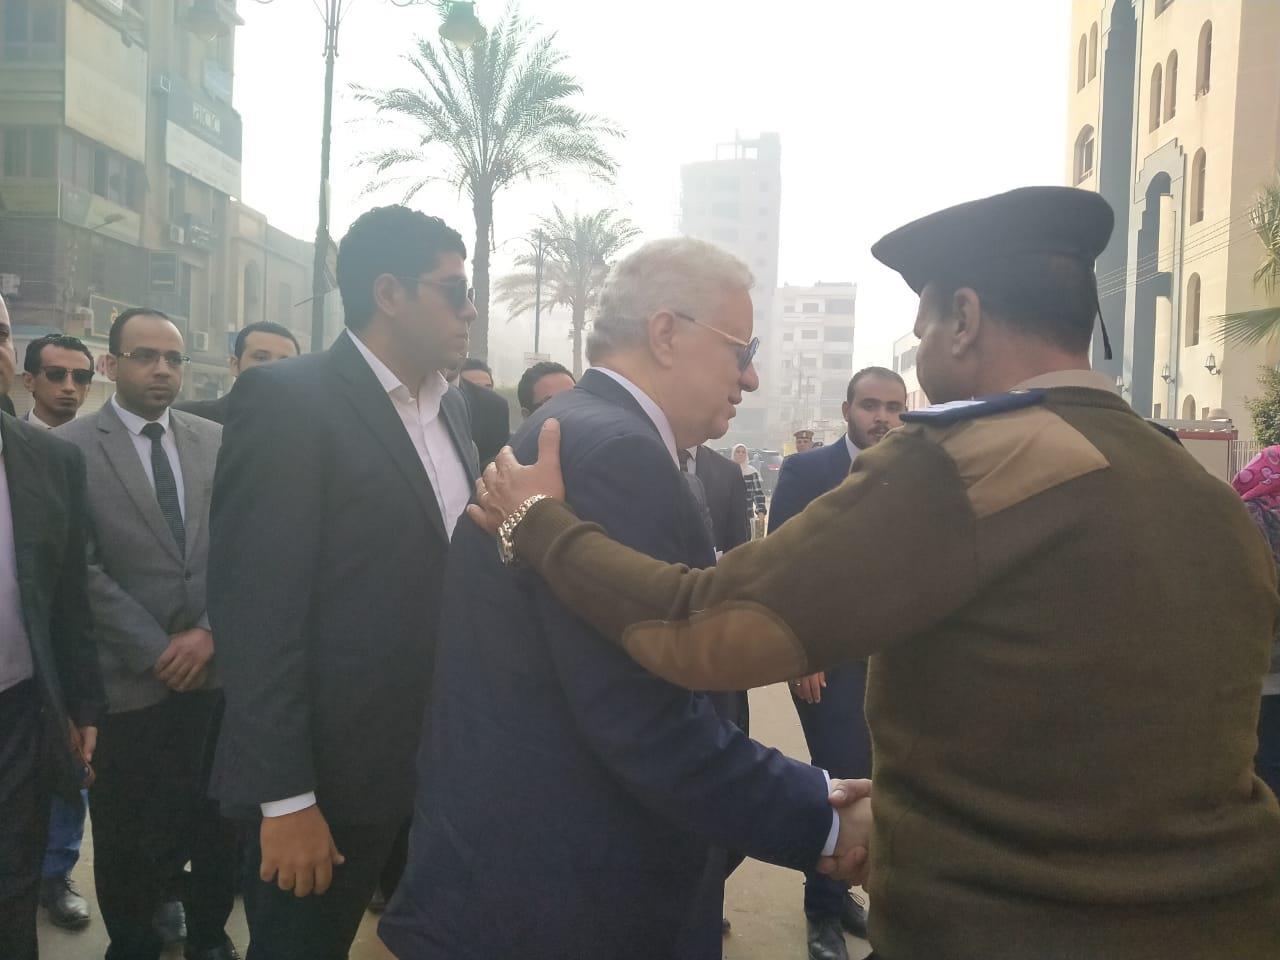 مرتضي منصور ينضم لهيئه الدفاع قضيه شهيد الشهامه